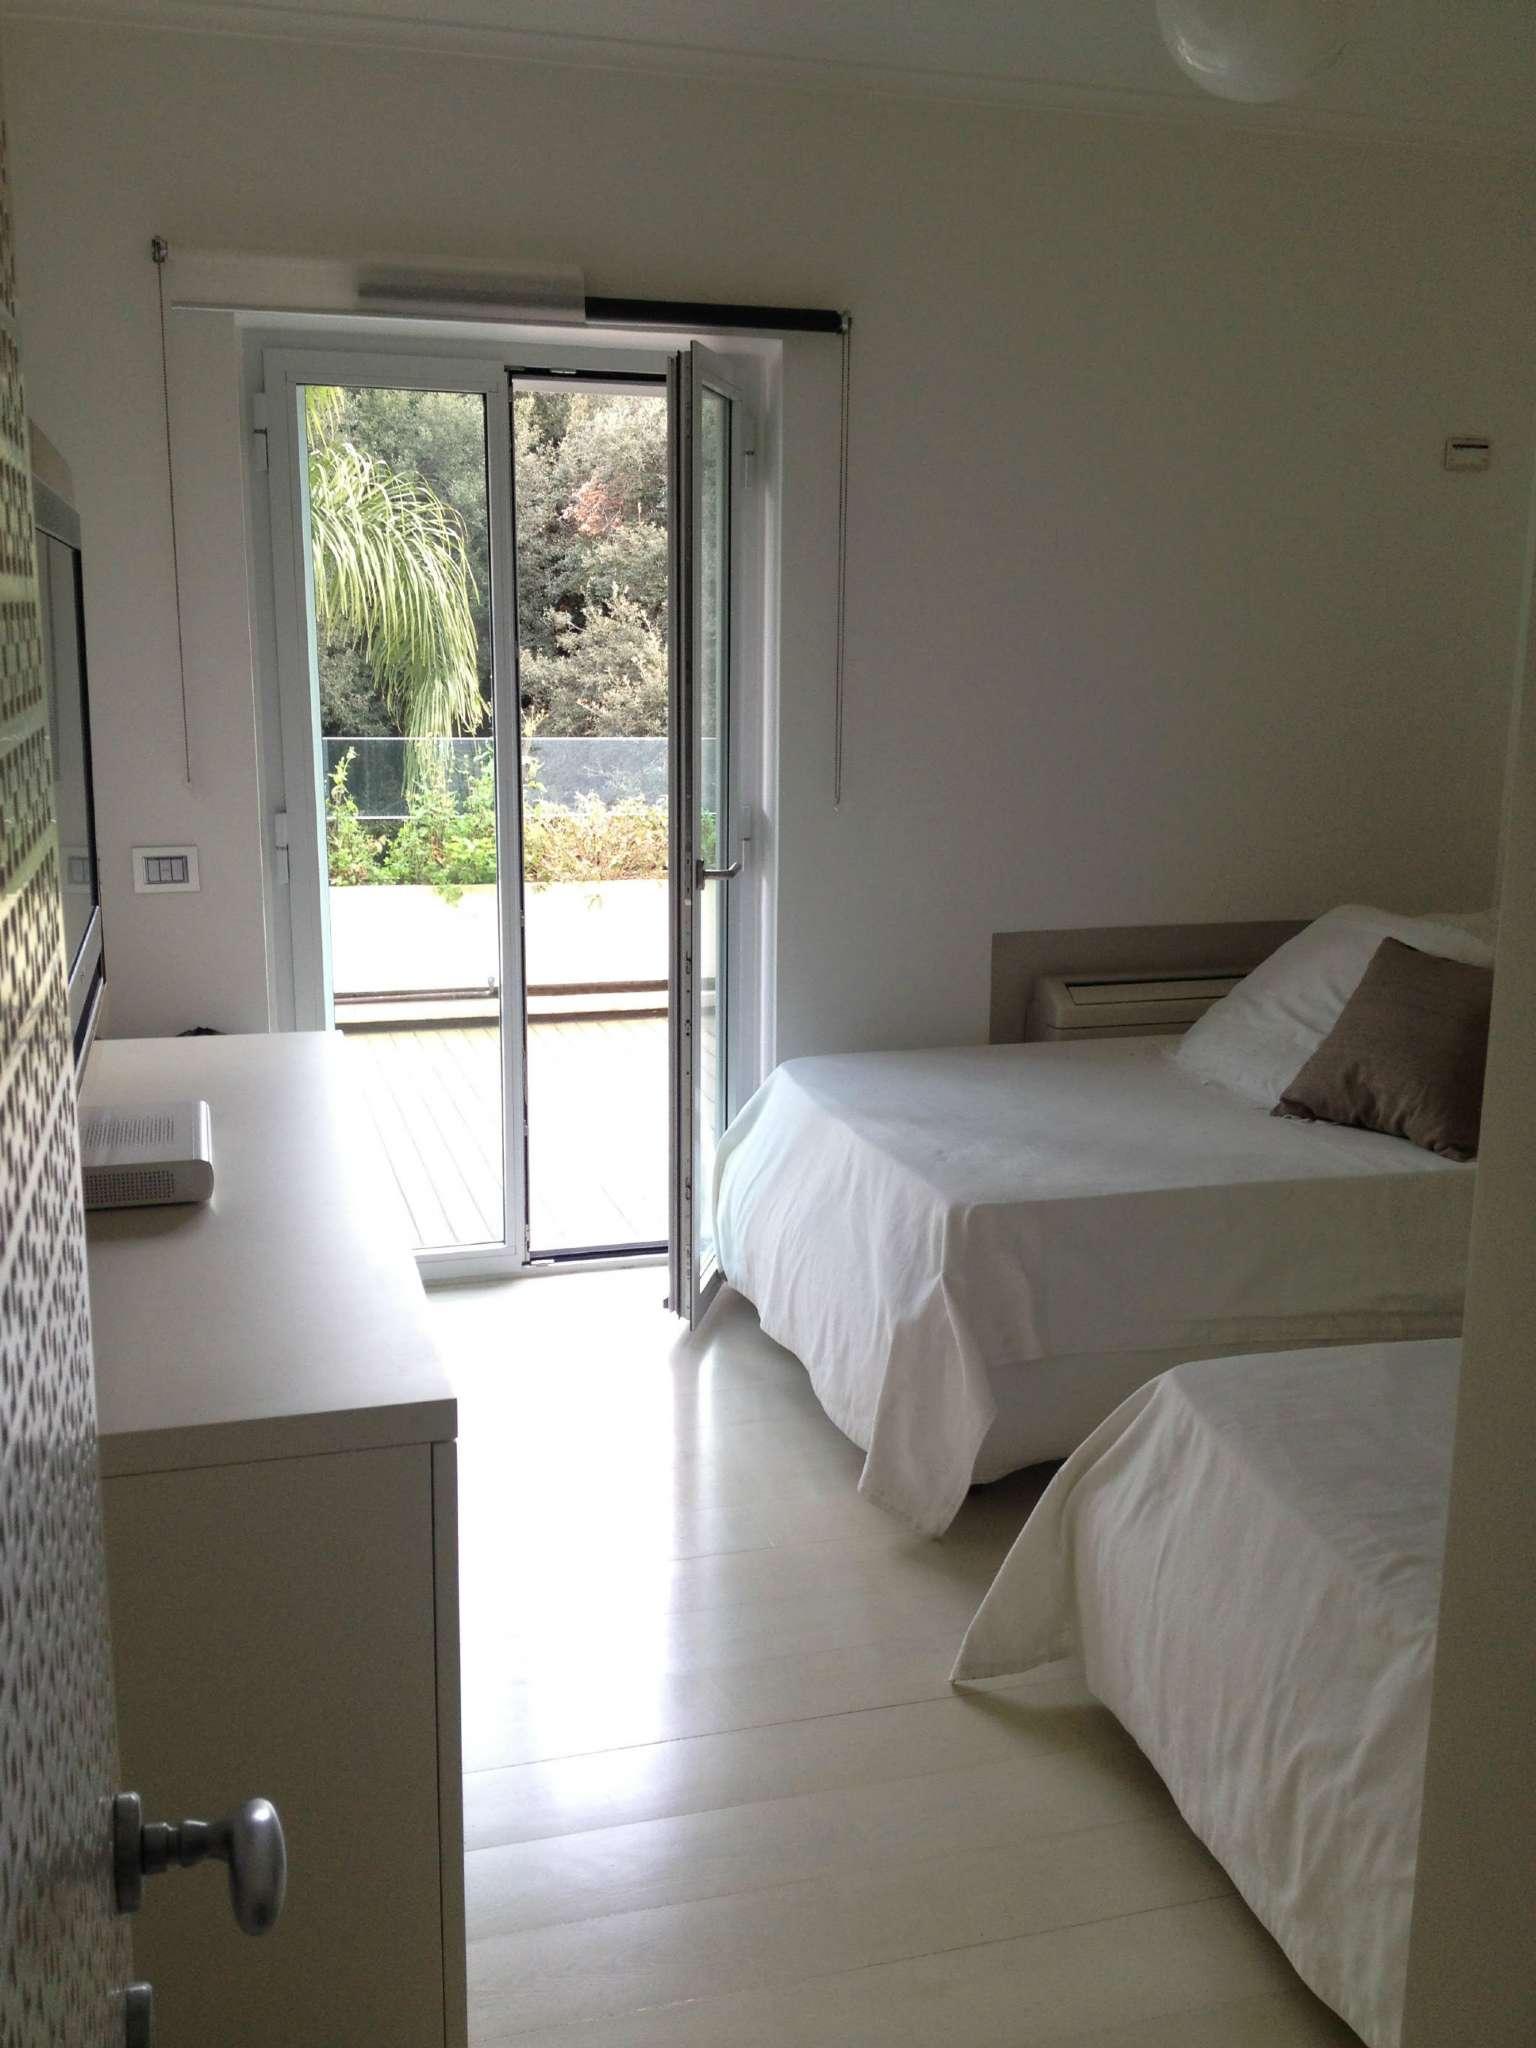 Attico / Mansarda in vendita a Fiumicino, 7 locali, prezzo € 575.000 | Cambio Casa.it